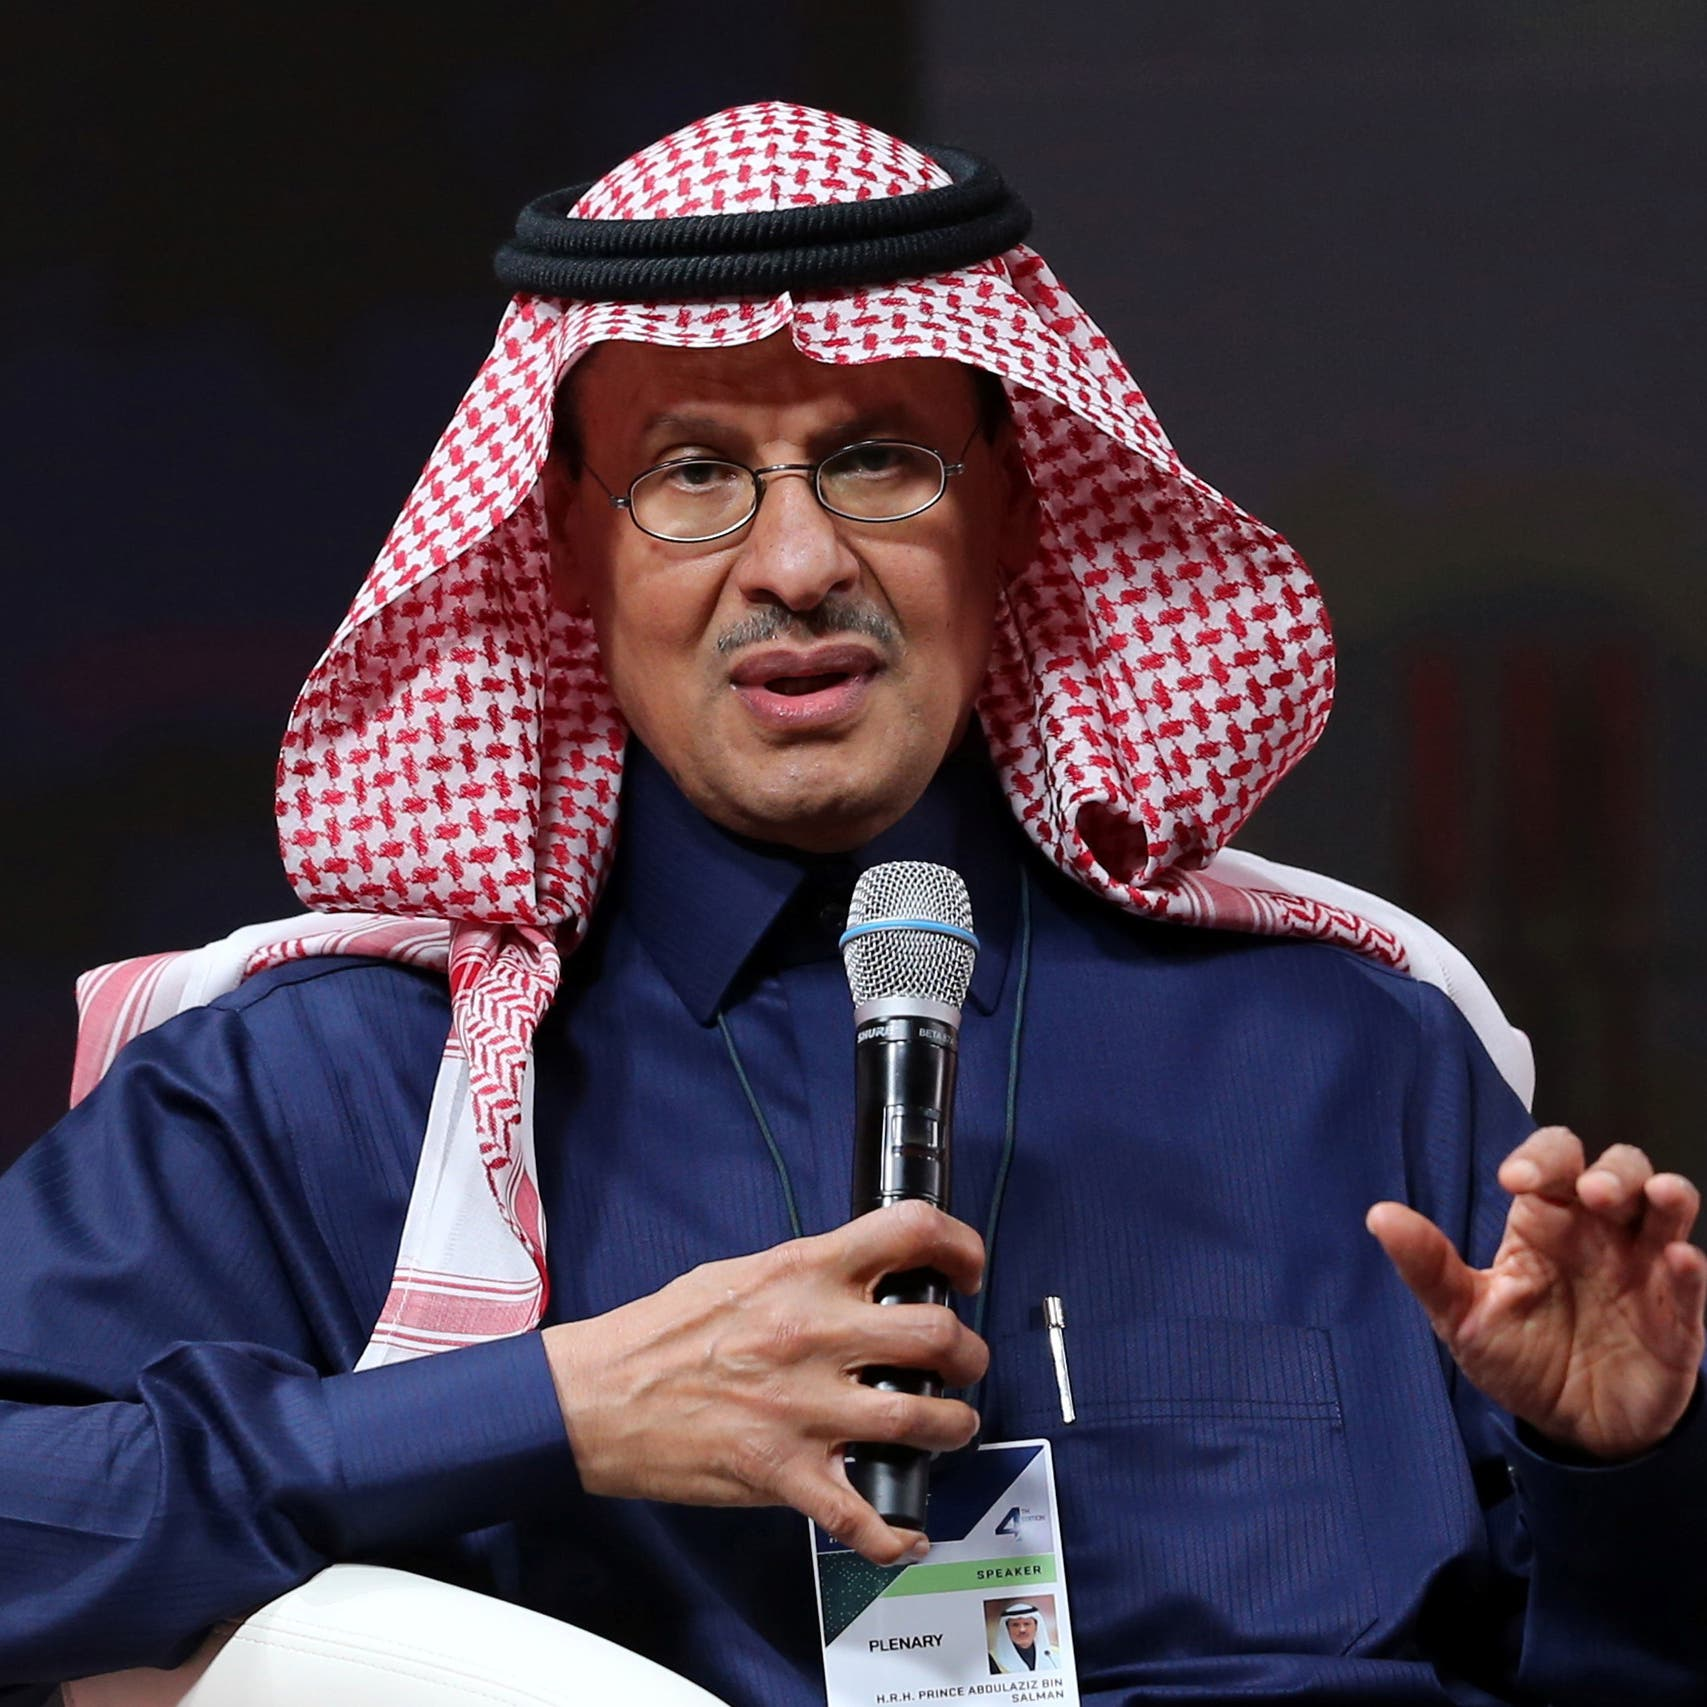 وزير الطاقة يكشف خطط السعودية لمكافحة التغير المناخي